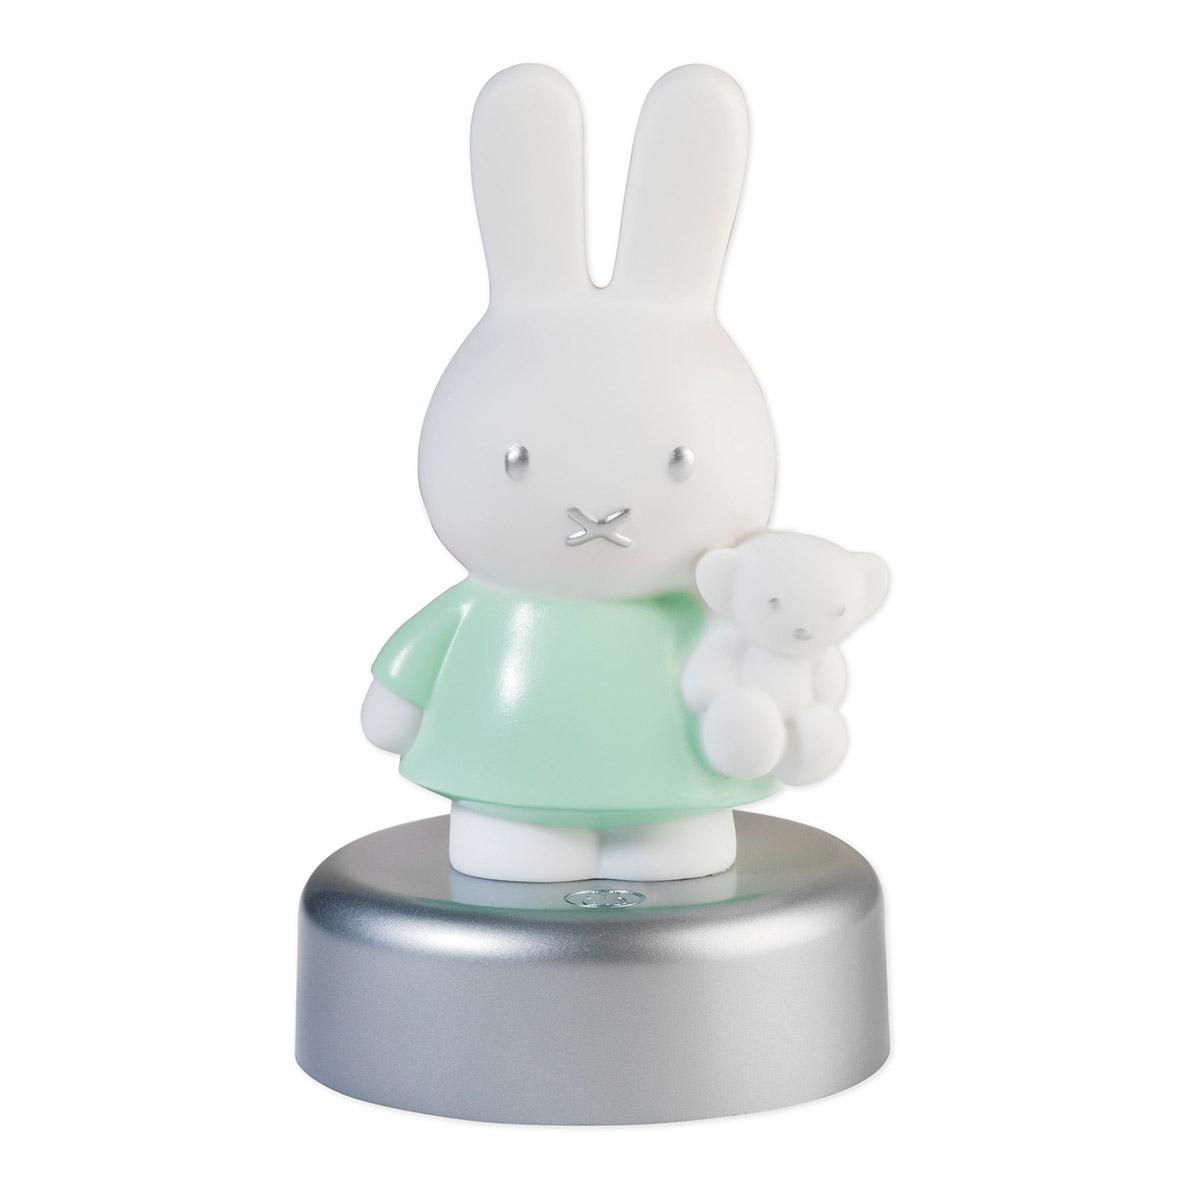 Παιδικό Φωτάκι Νυκτός Led Με Χρονοδιακόπτη Miffy 47-433234